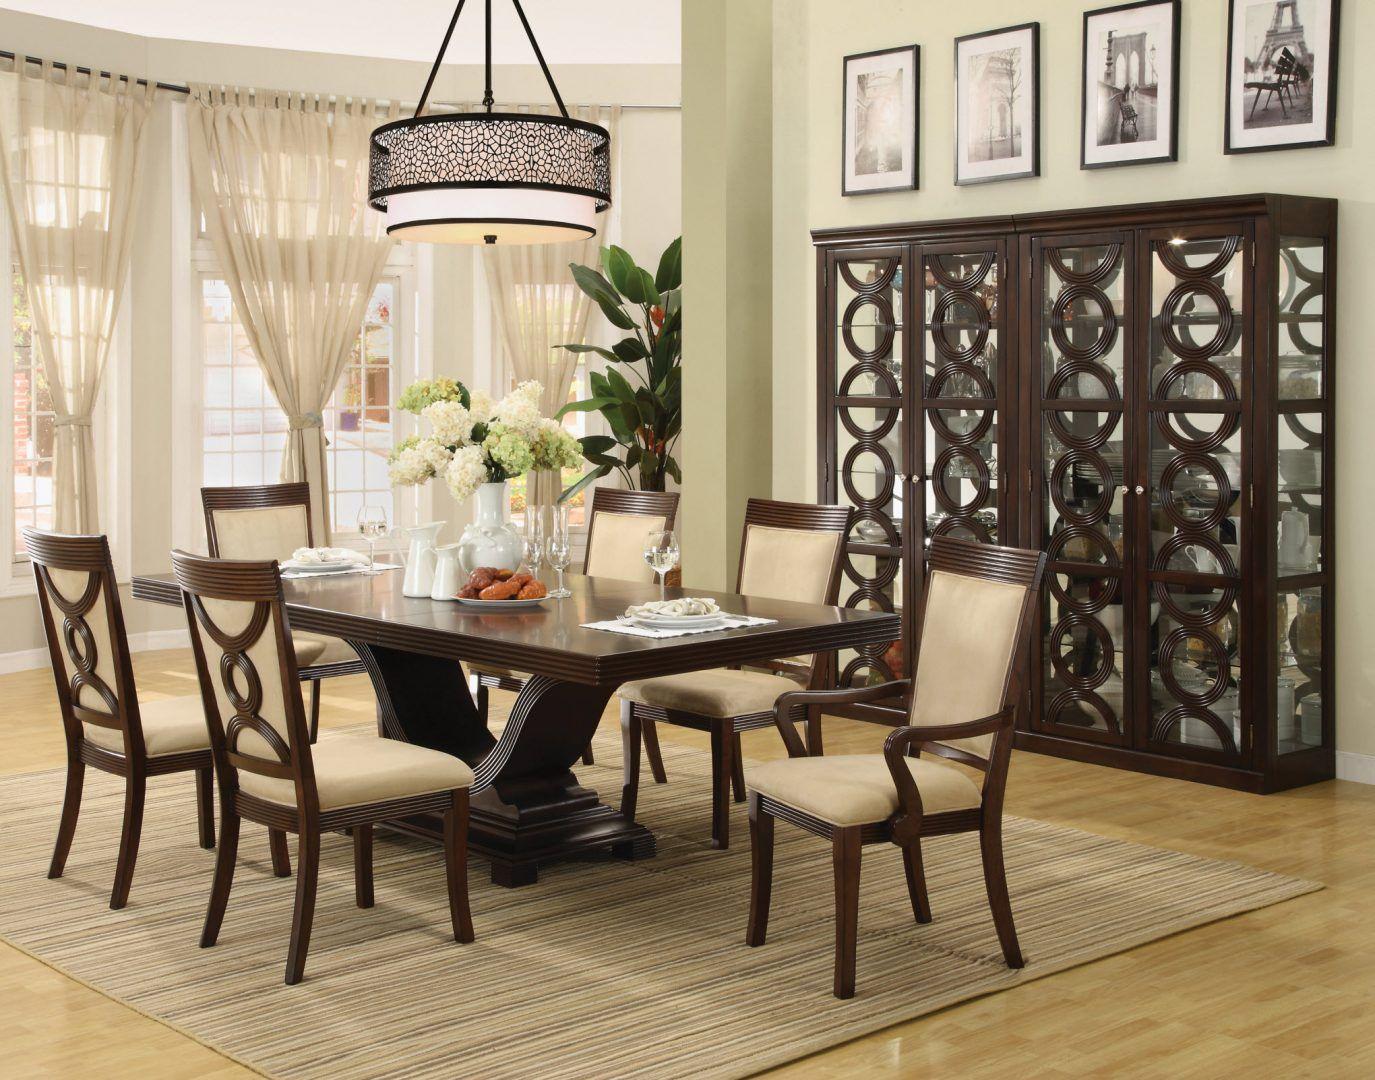 Hogar ideas de decoraci n comedor - El comedor es una pieza importante dentro del hogar y como tal hay que tratarlo para darle encanto a este espacio y decorarlo con mimo en las siguientes